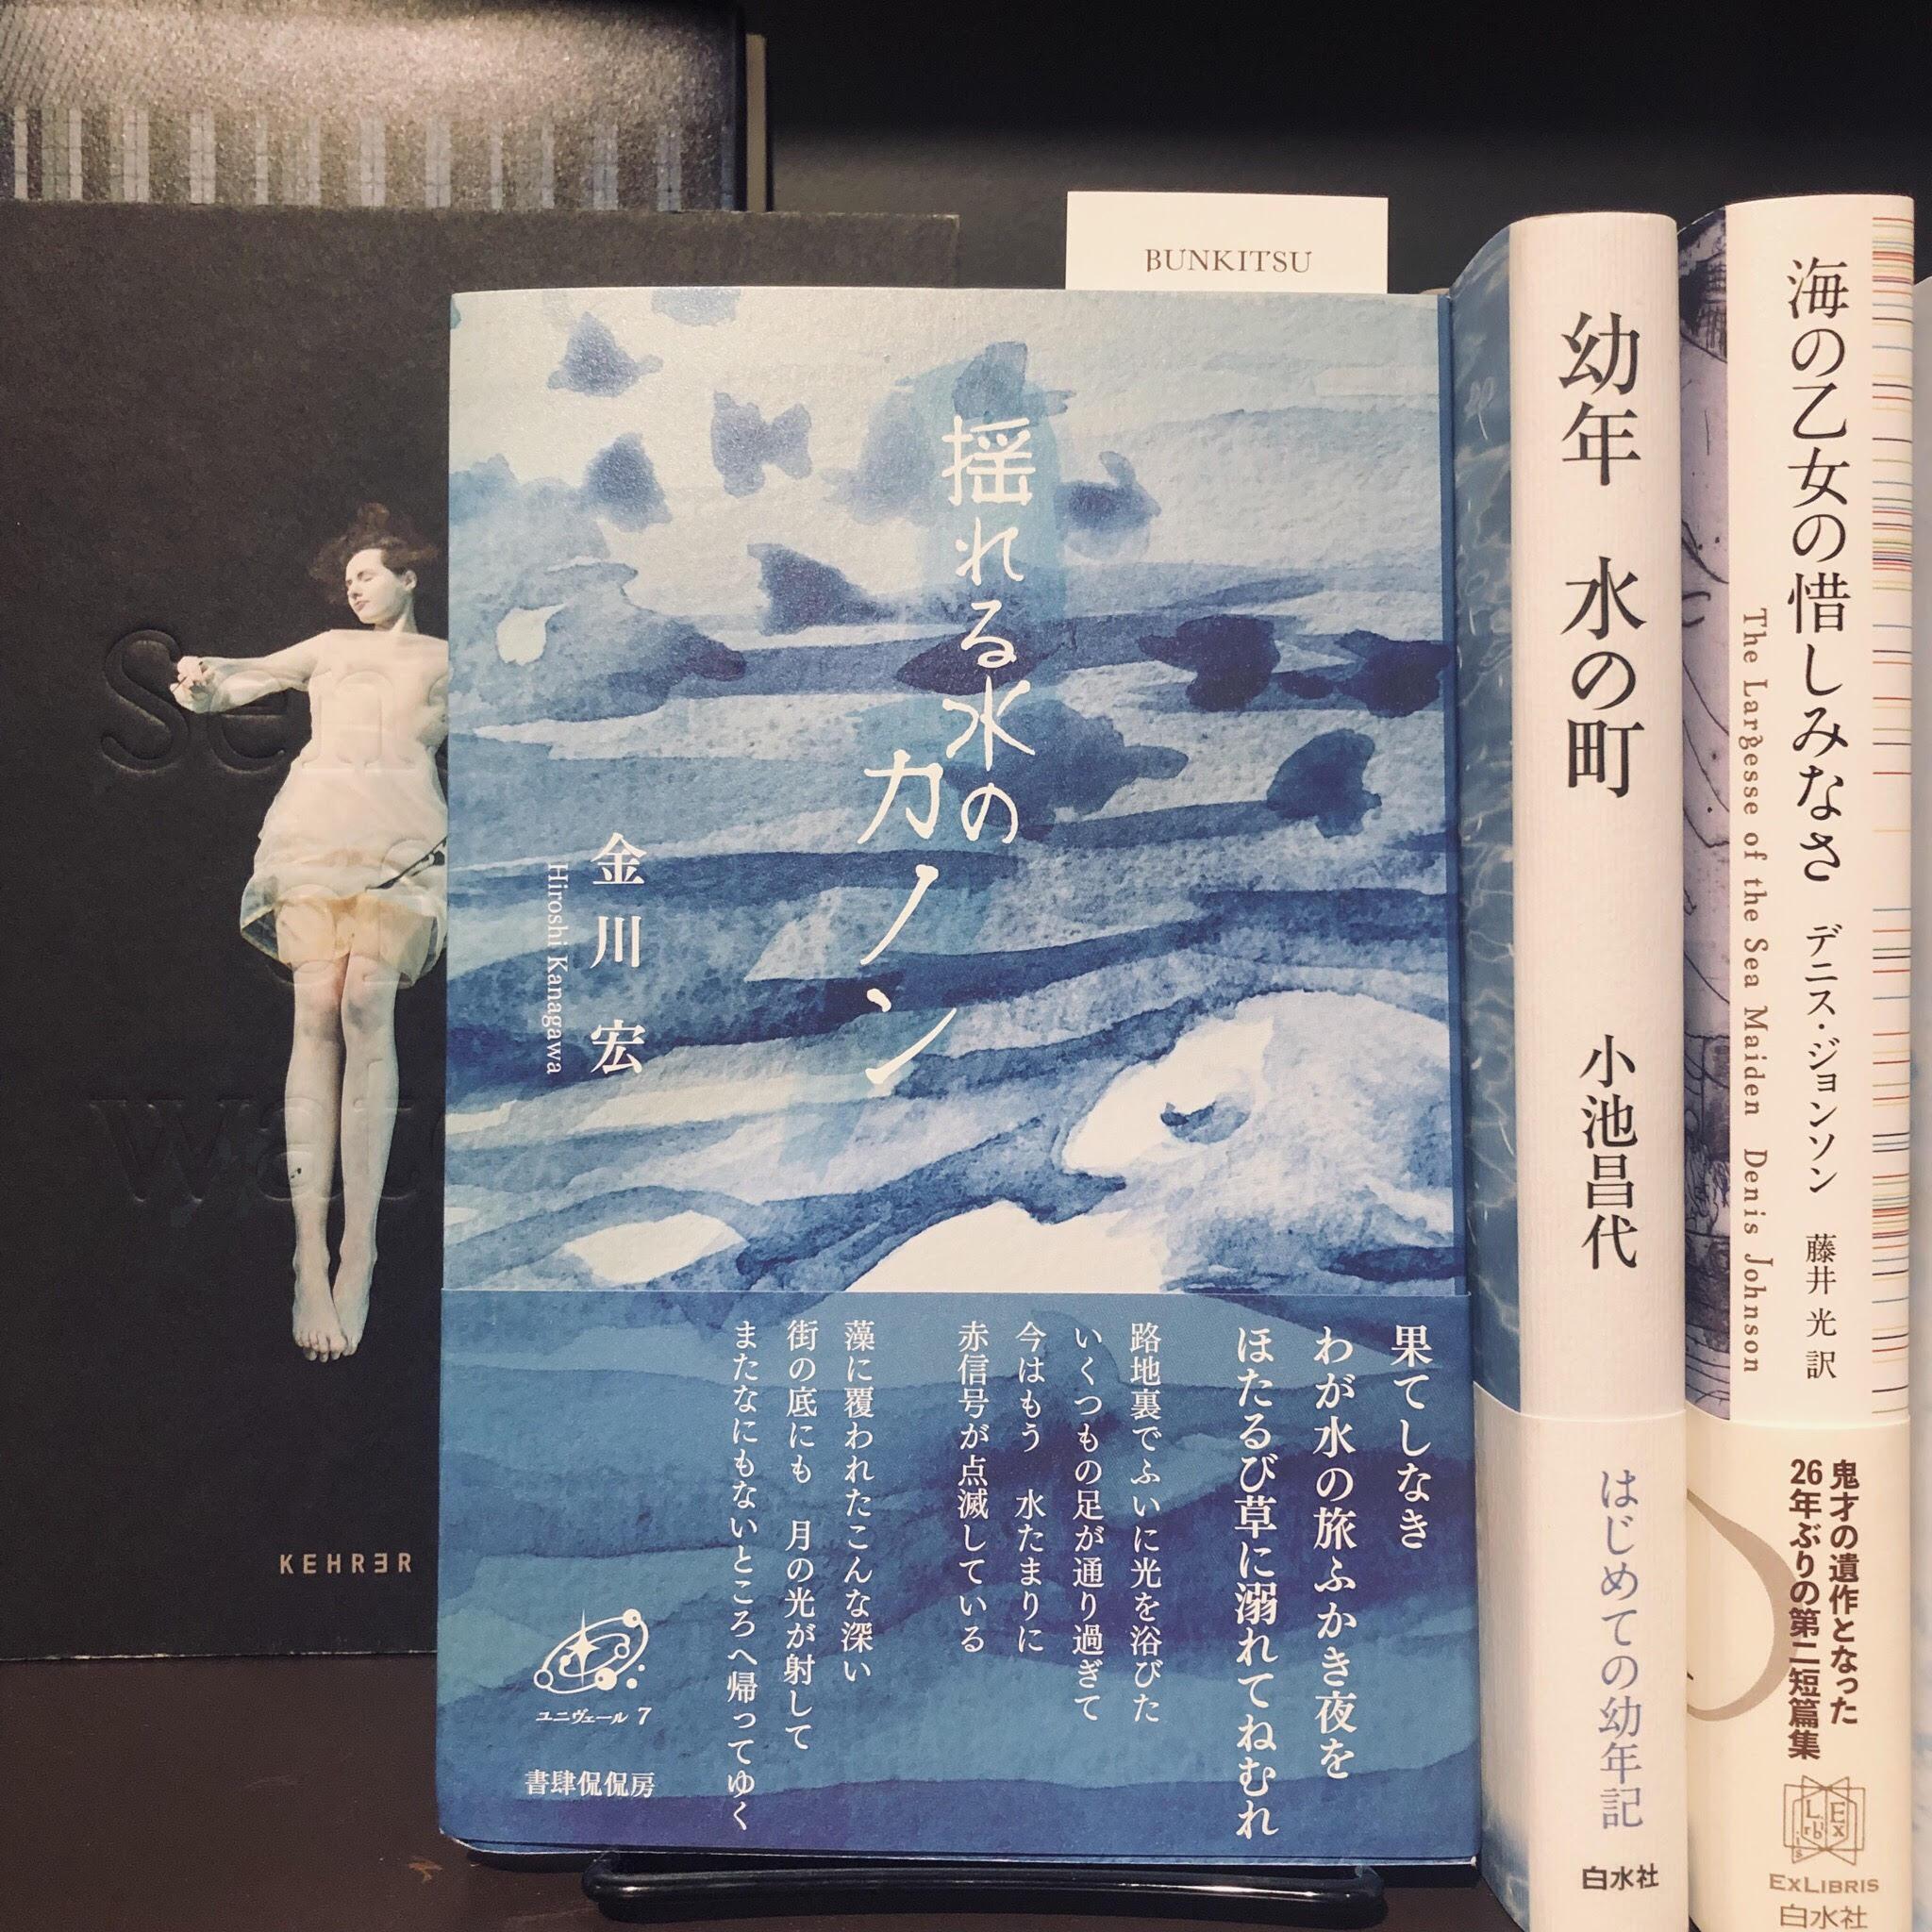 金川宏『揺れる水のカノン』(書肆侃侃房)